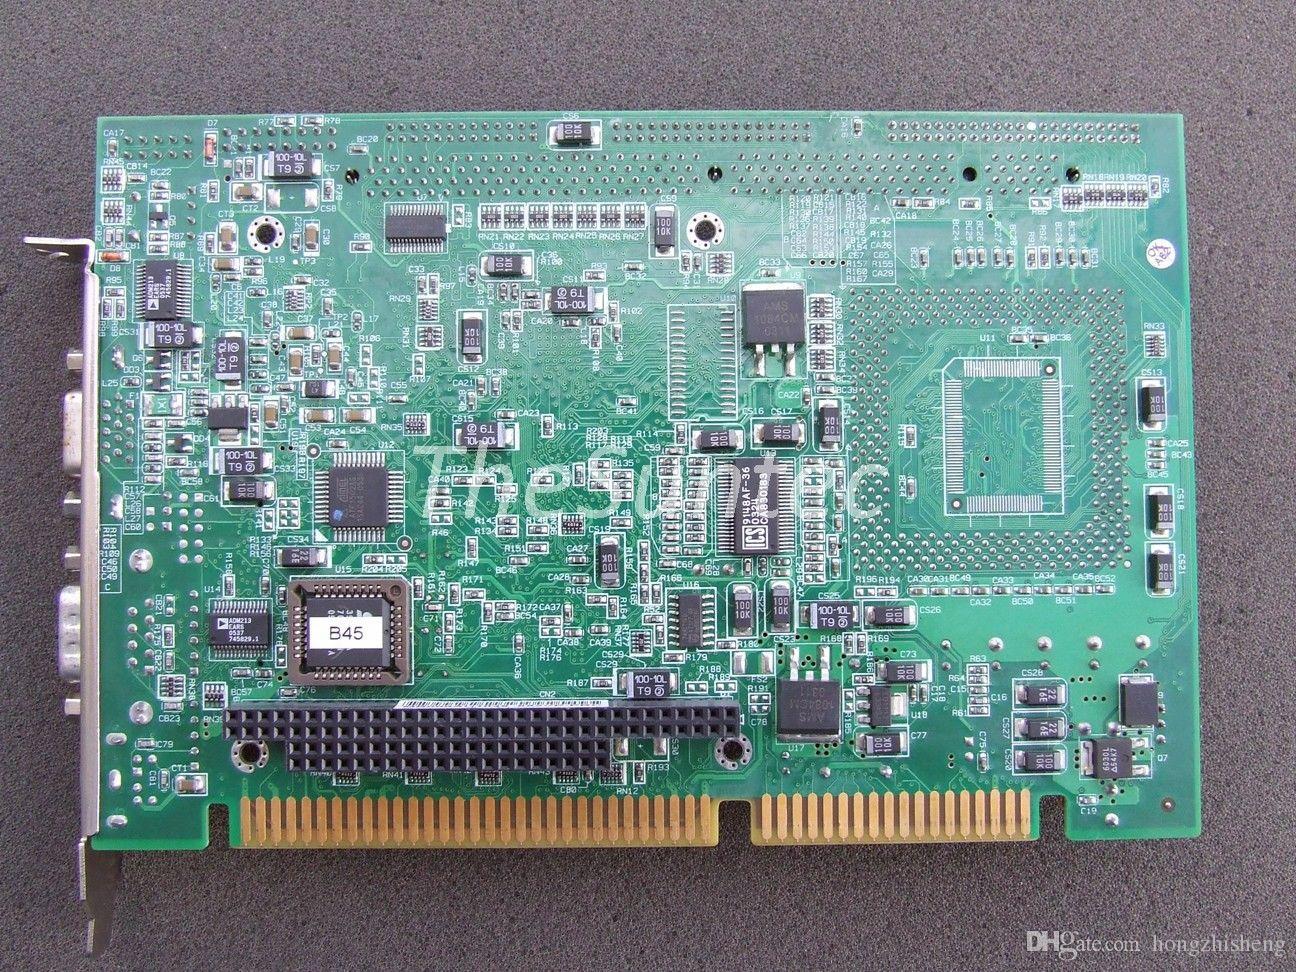 LMB-682VP V0.93 yarım uzunluk endüstriyel kurulu ile CPU LMB-682VP 100% mükemmel kalite test